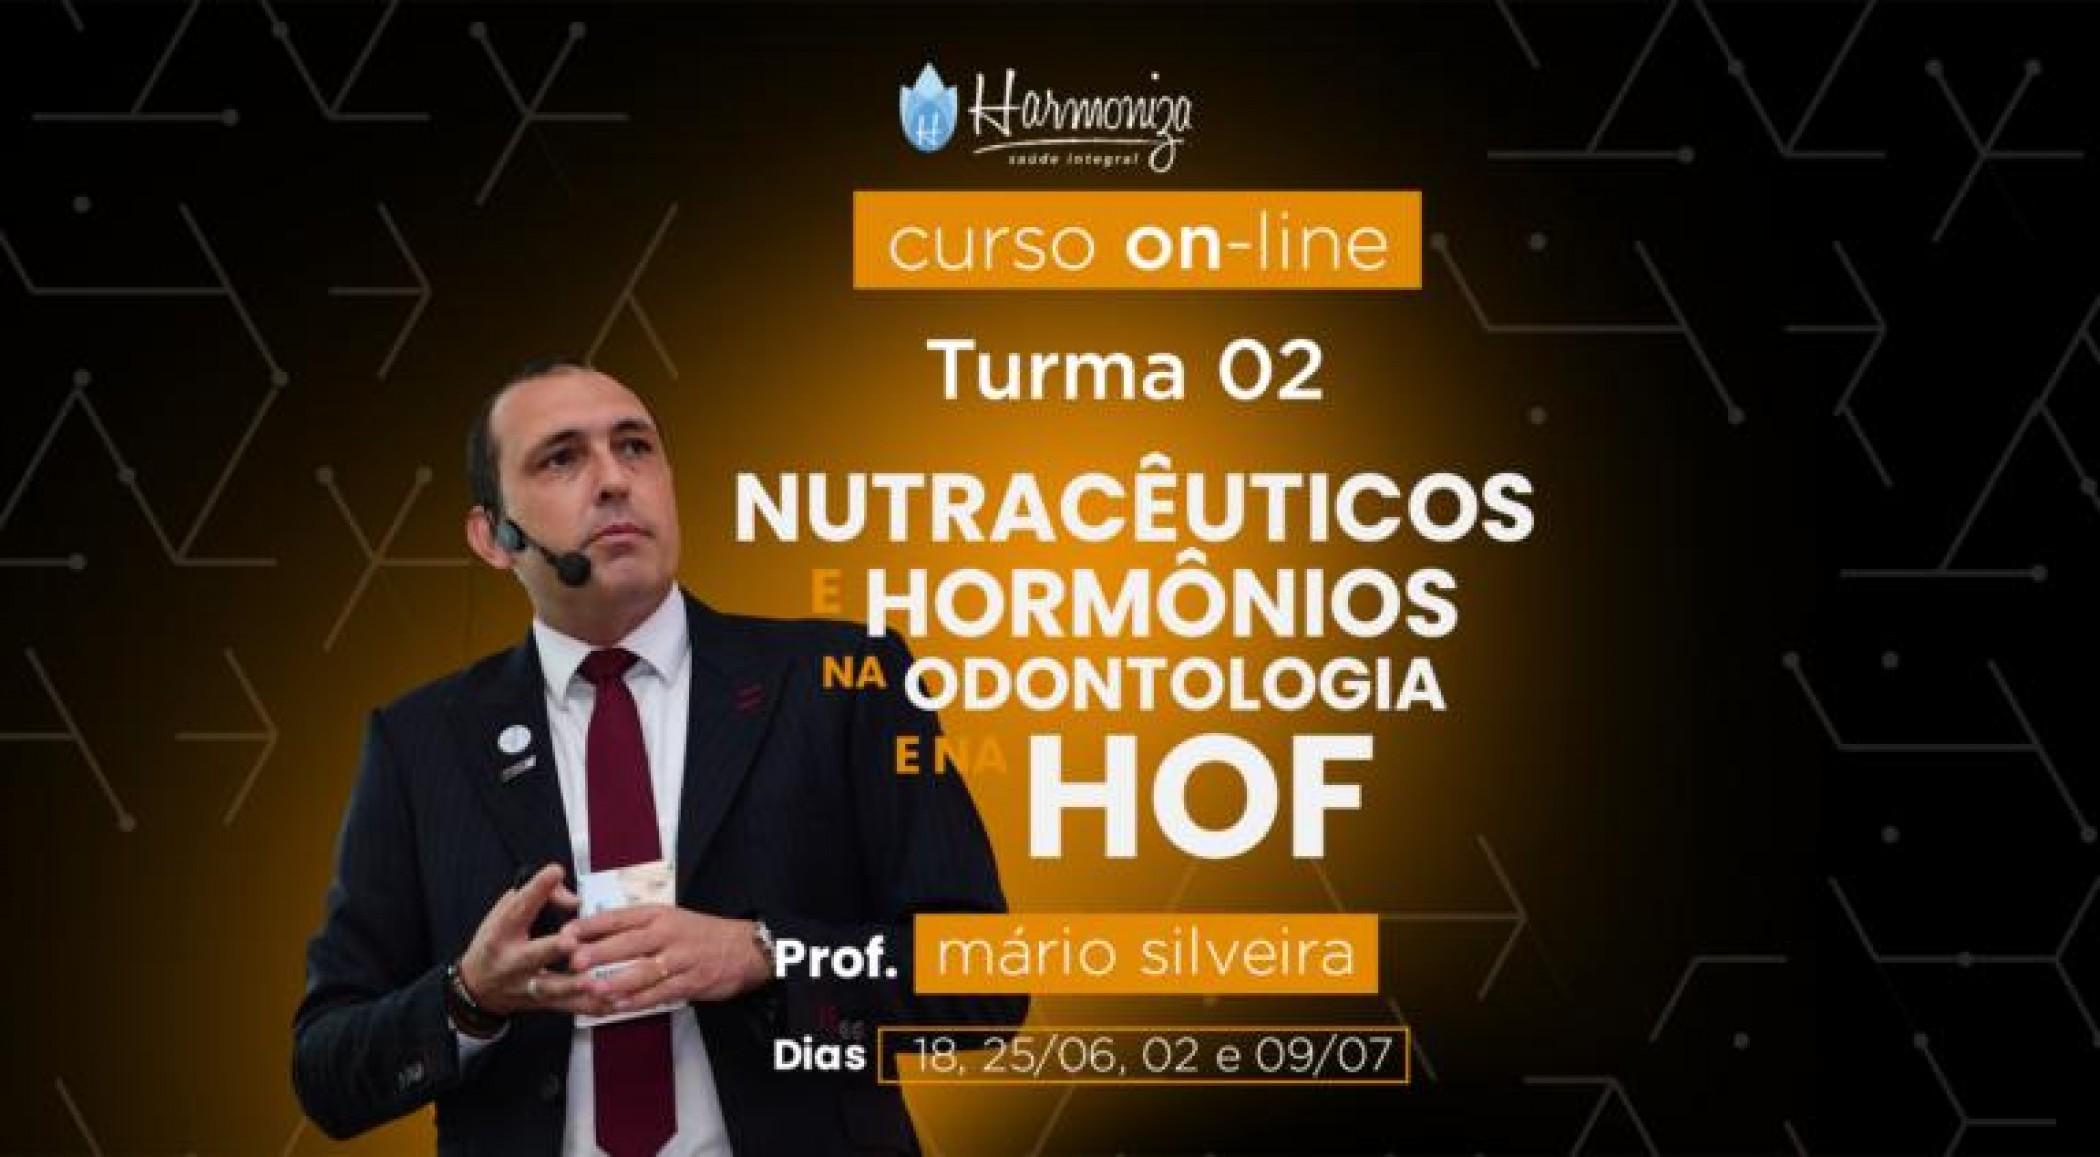 Curso Nutracêuticos e Hormônios na Odontologia e na HOF